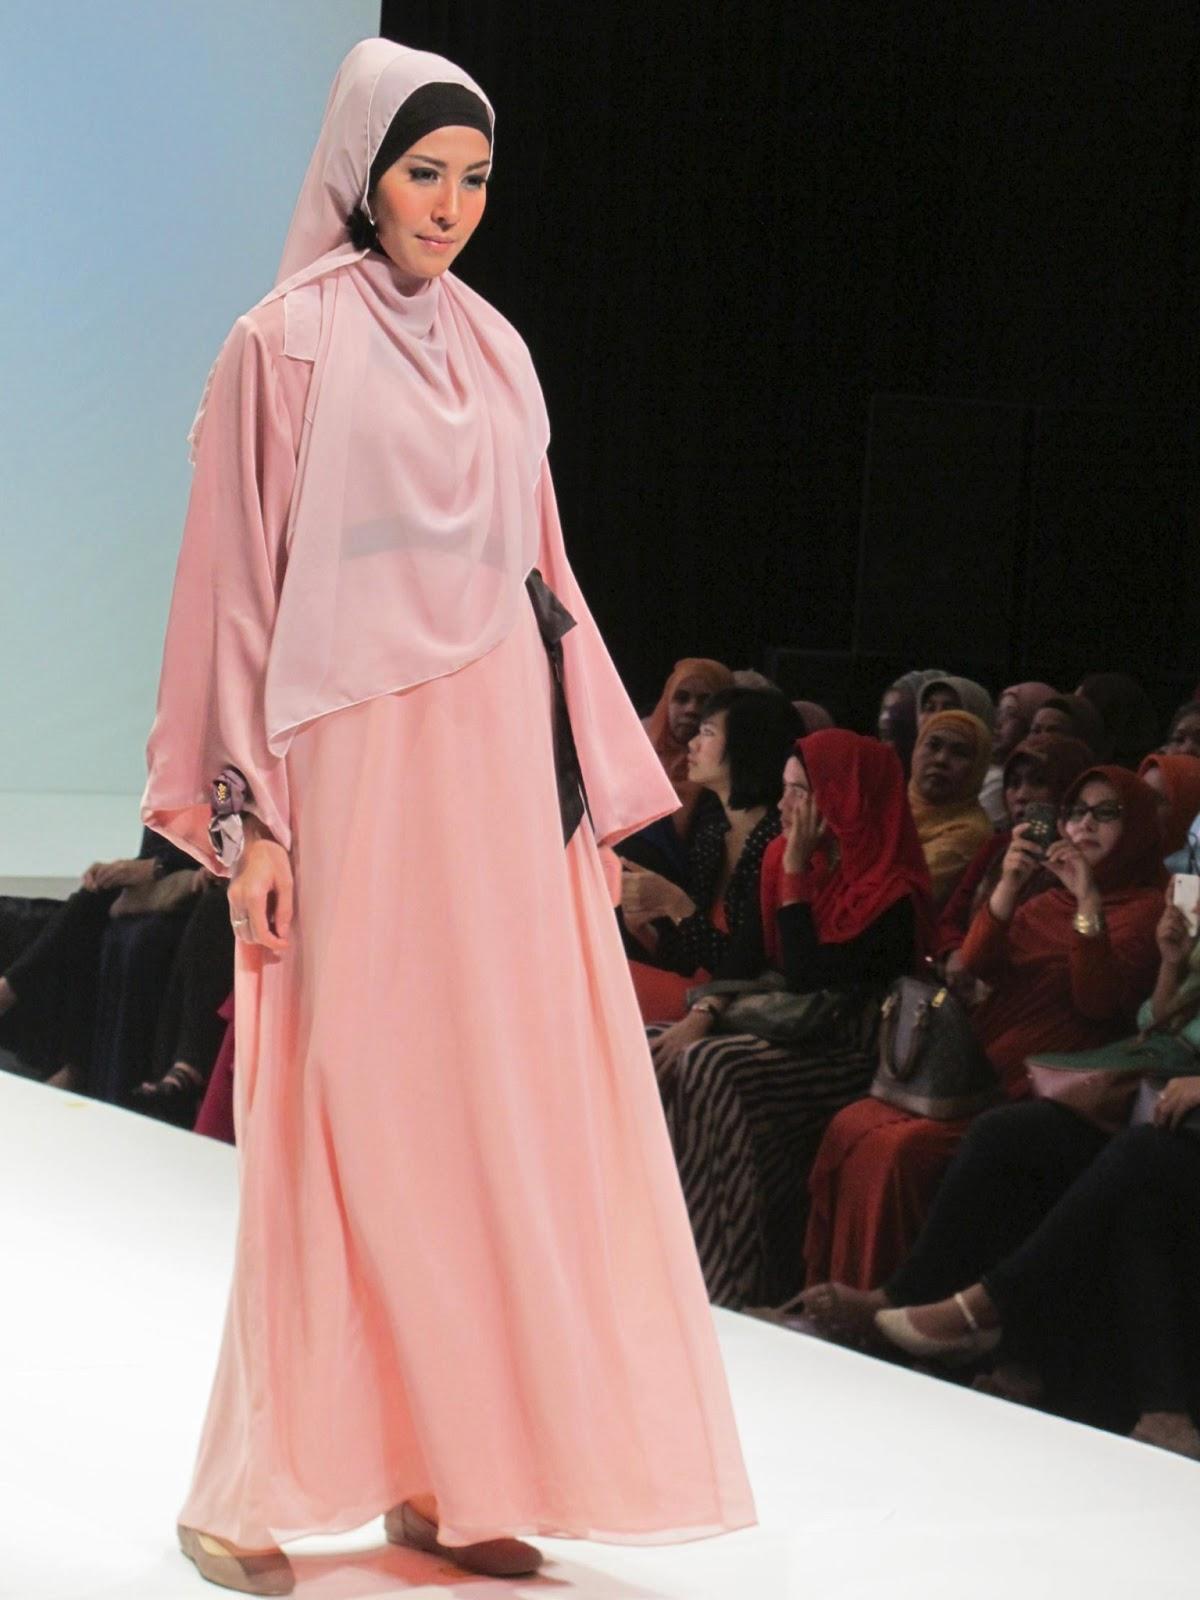 Ubah Gaya Hijab Syar I Kamu Jadi Lebih Modis Dan Cantik Dengan 5